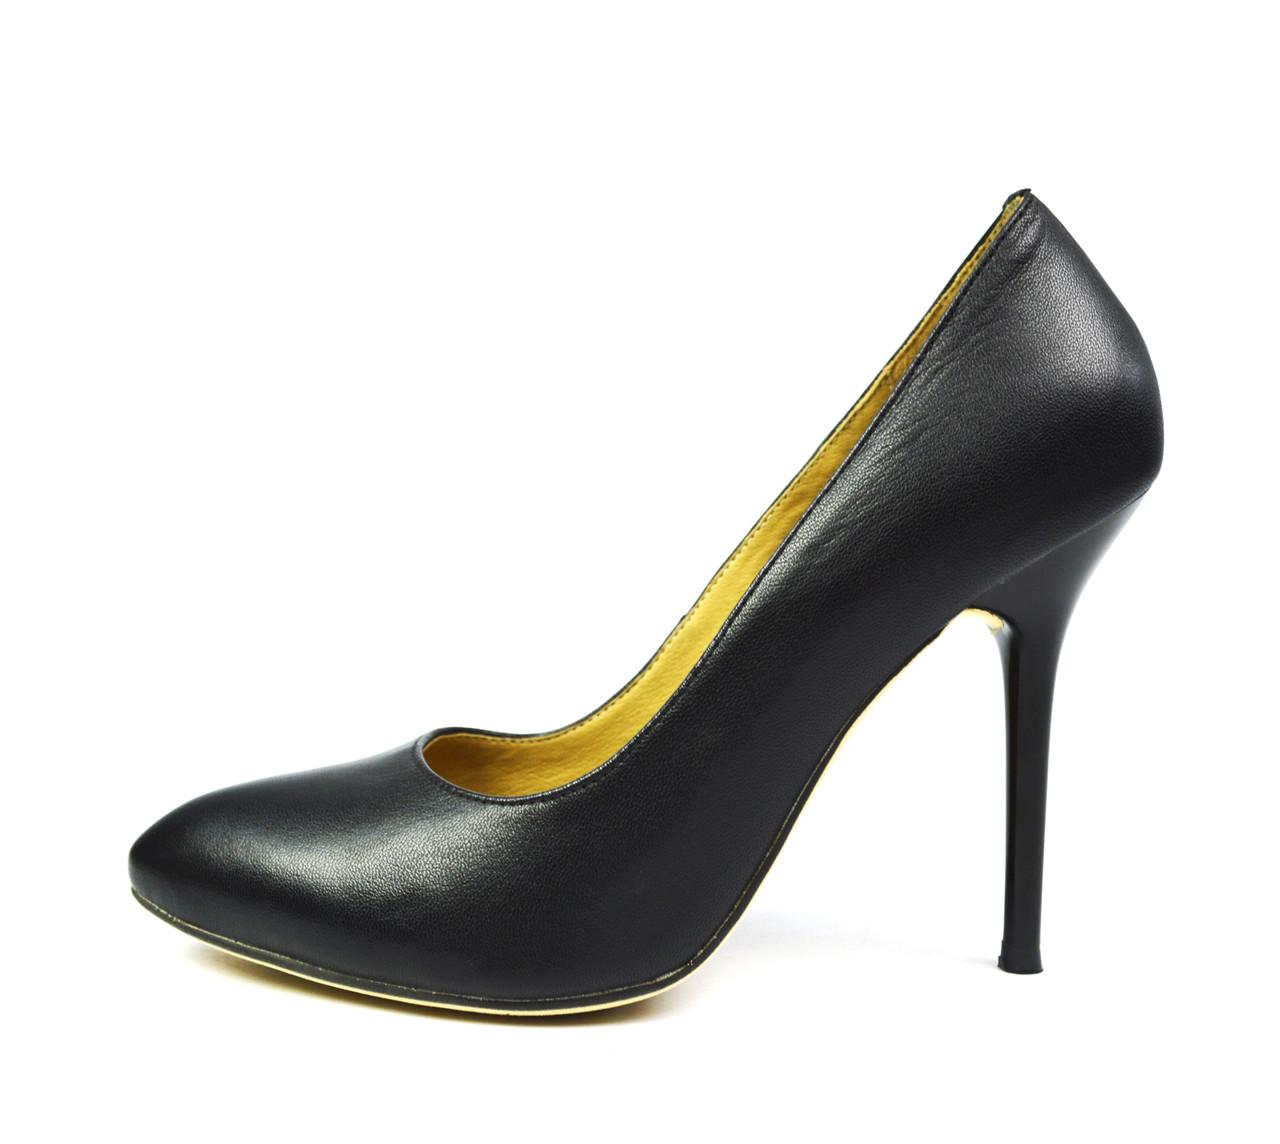 Черные туфли лодочки женские кожаные ANNA LUCCI на шпильке